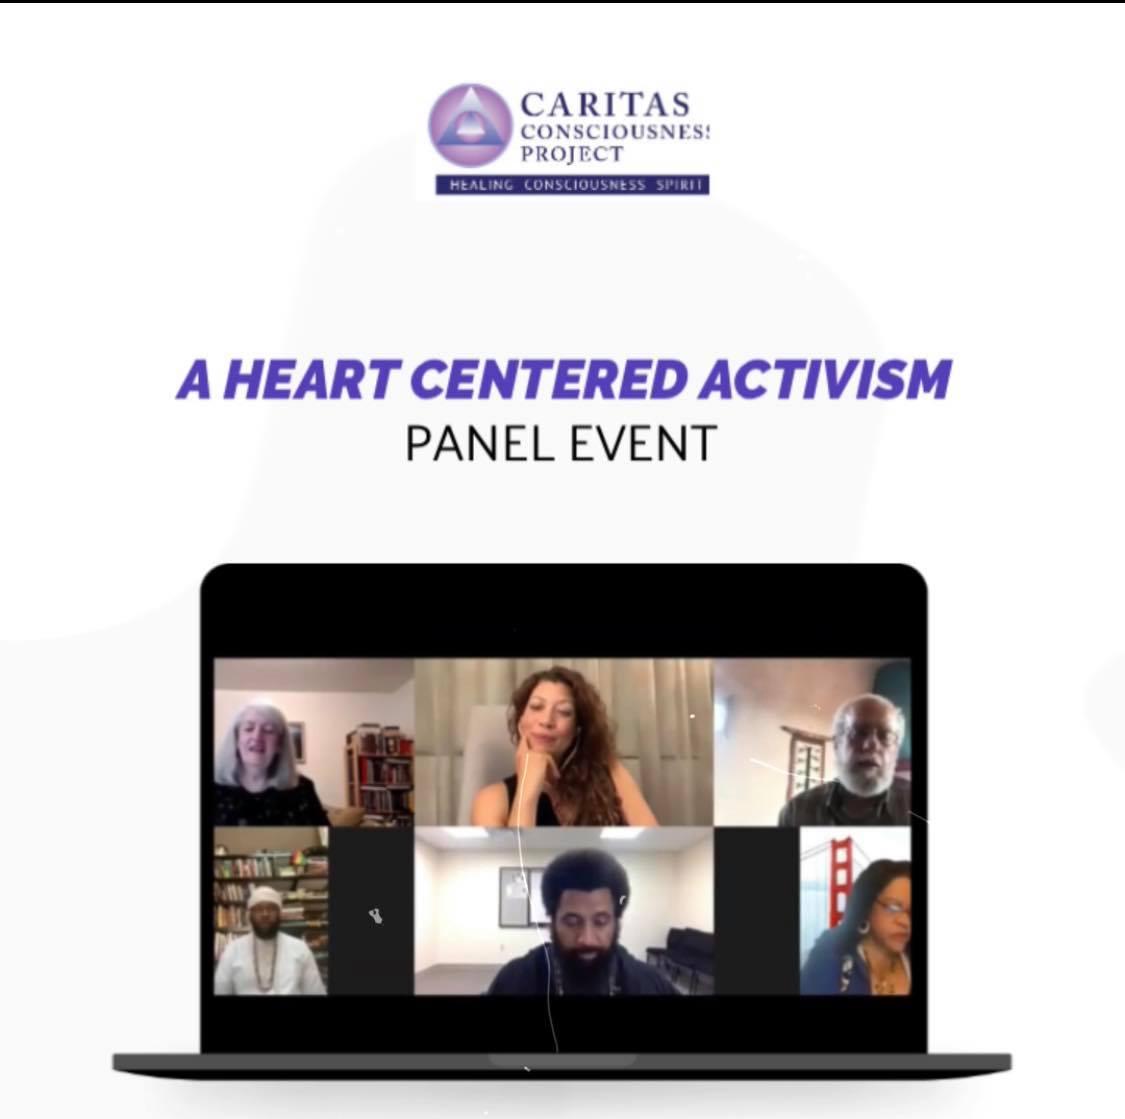 A Heart Centered Activism